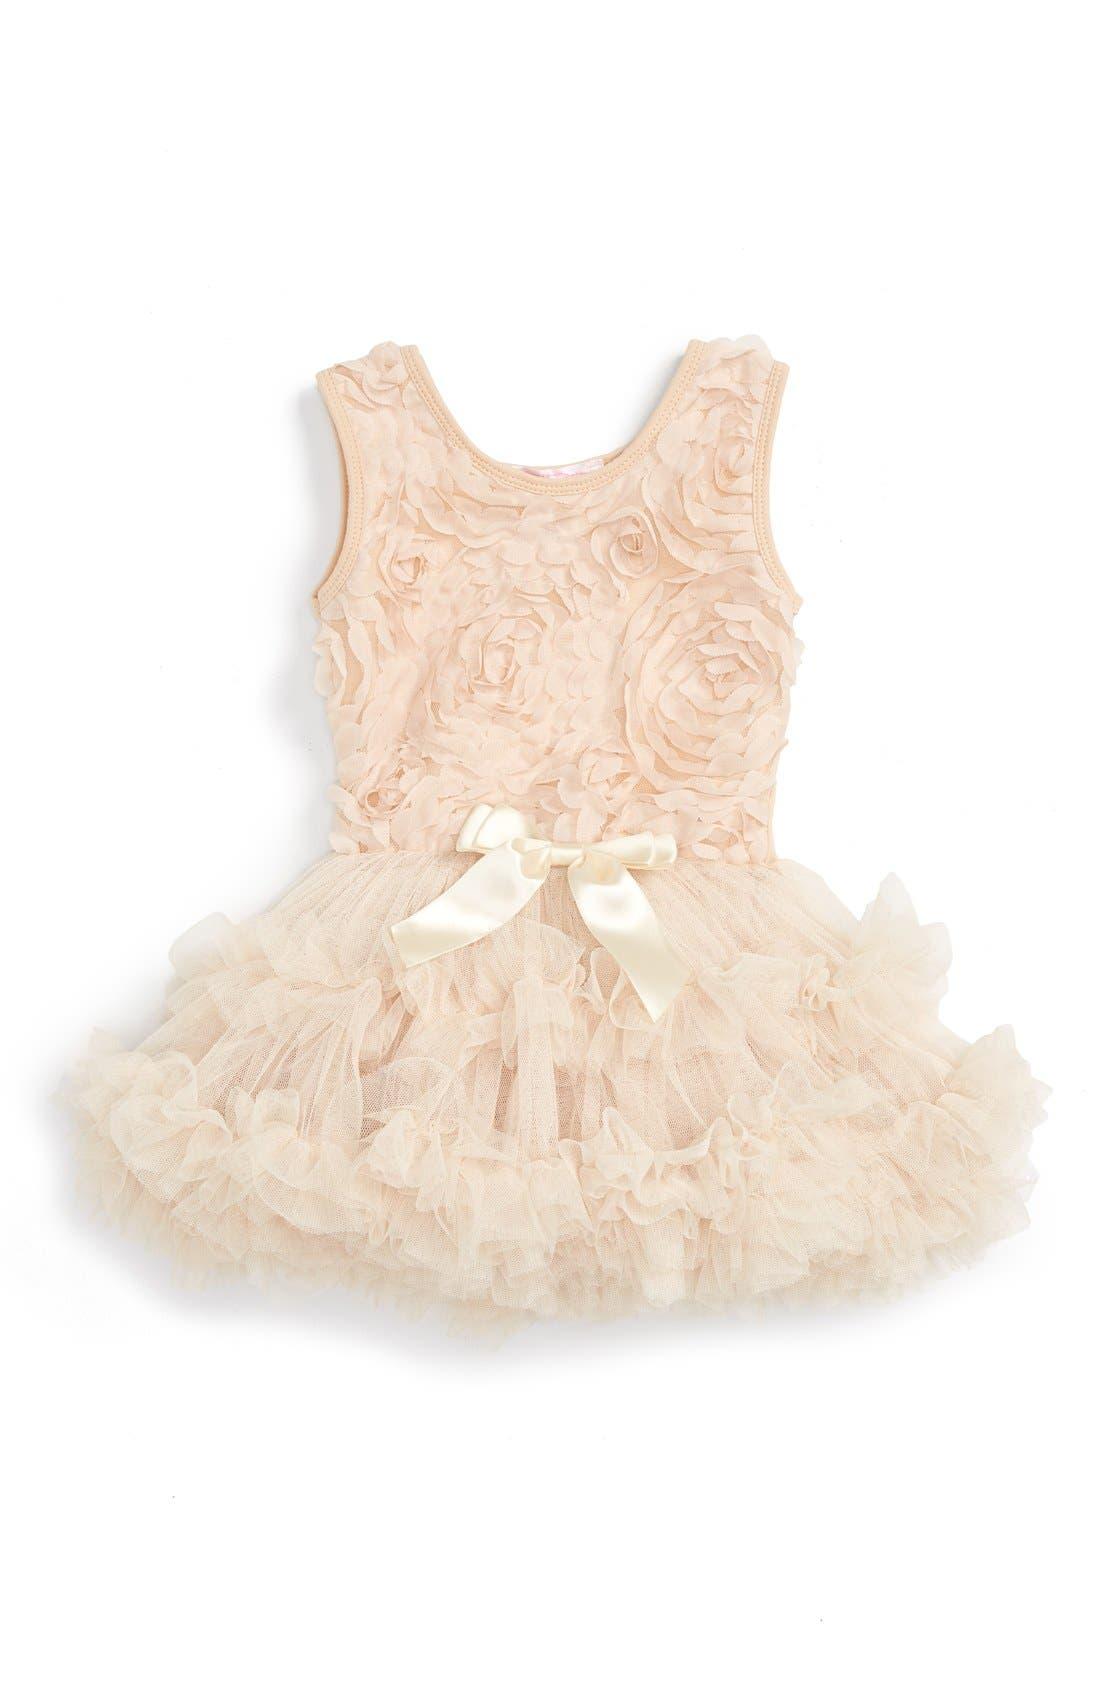 Ribbon Rosette Tutu Dress,                             Main thumbnail 1, color,                             CHAMPAGNE